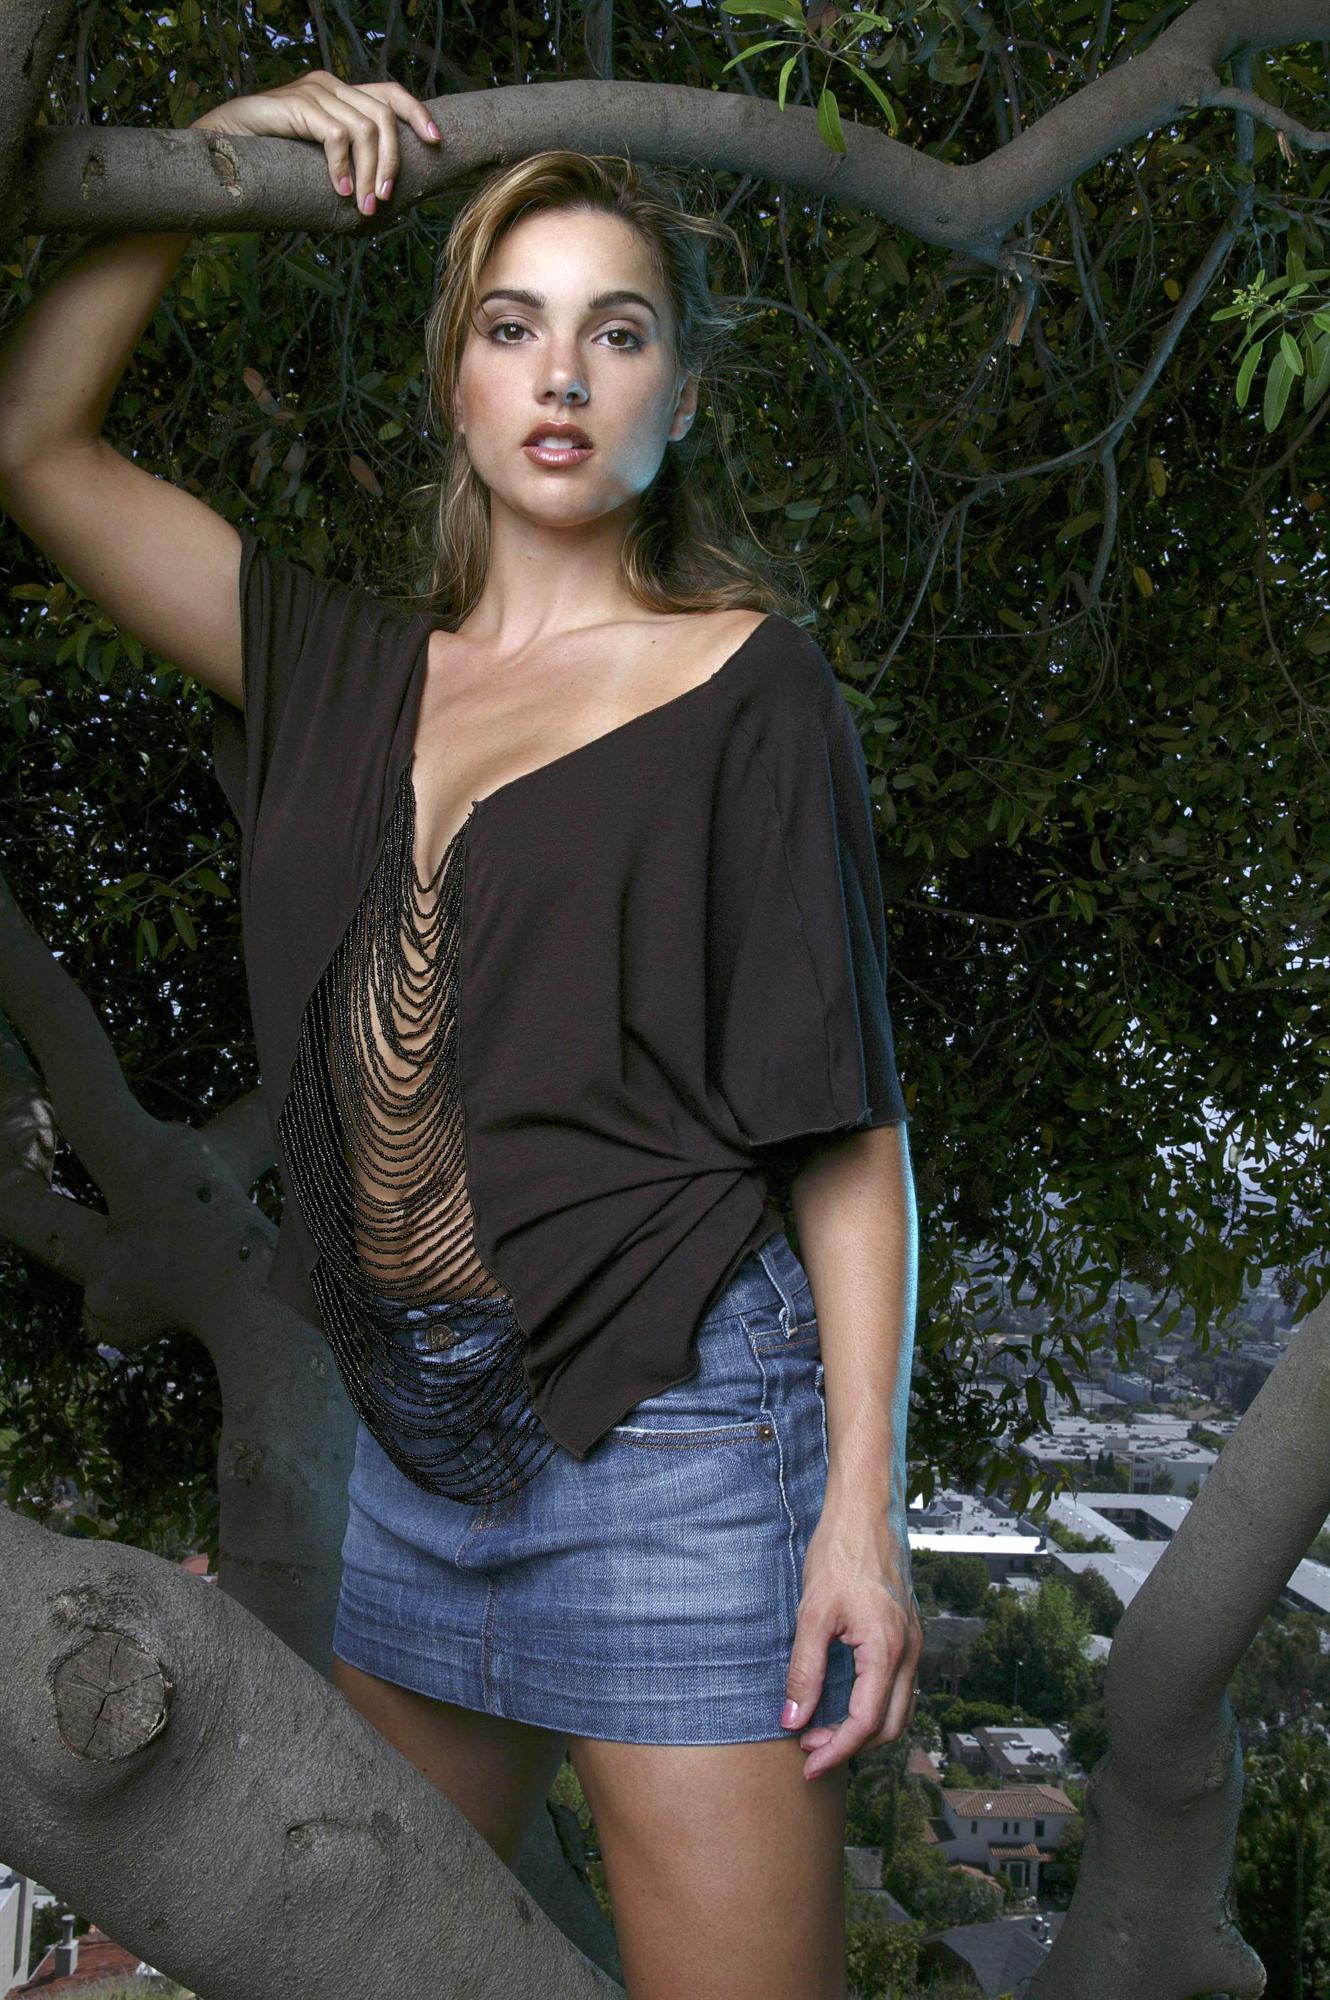 Shana Hiatt